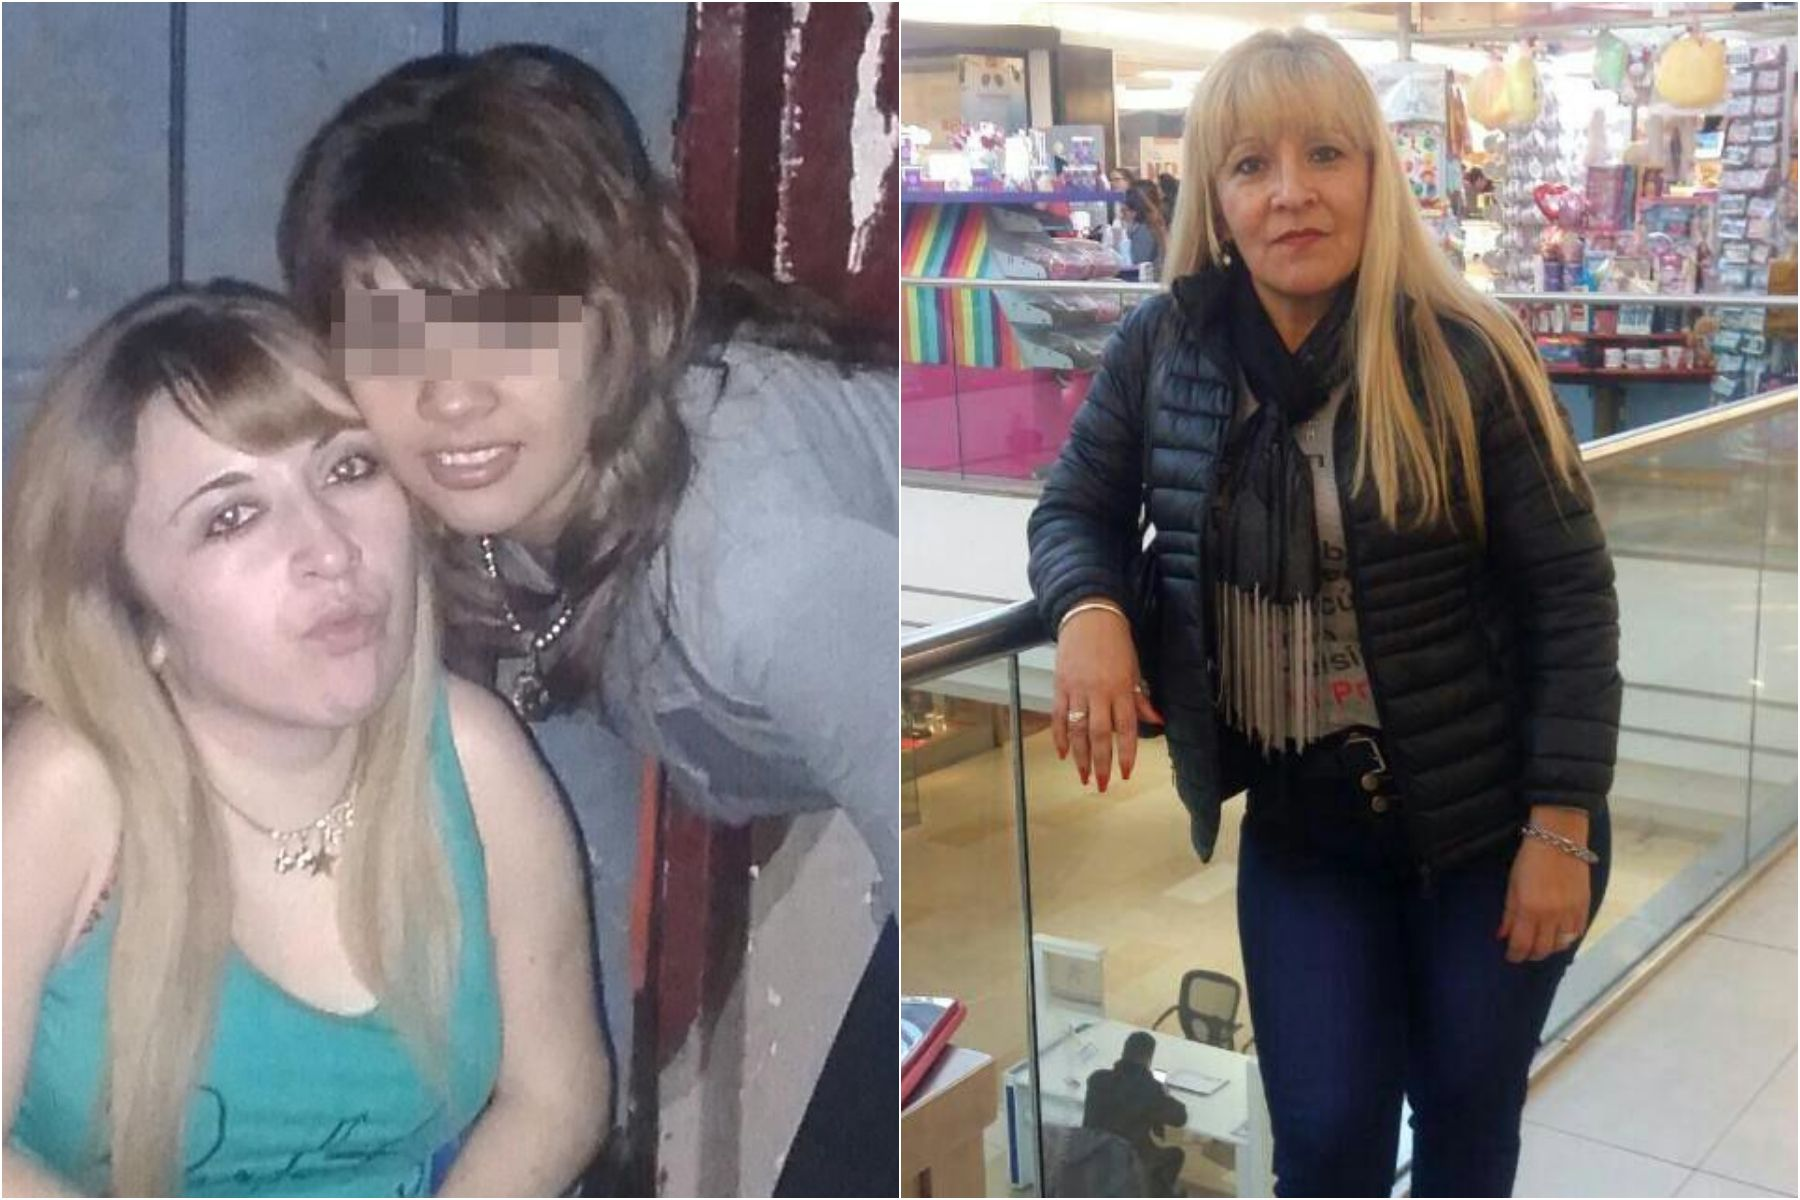 Alejandra Ferreyra y Karen Arenas fueron asesinadas junto a un nene de 4 años.